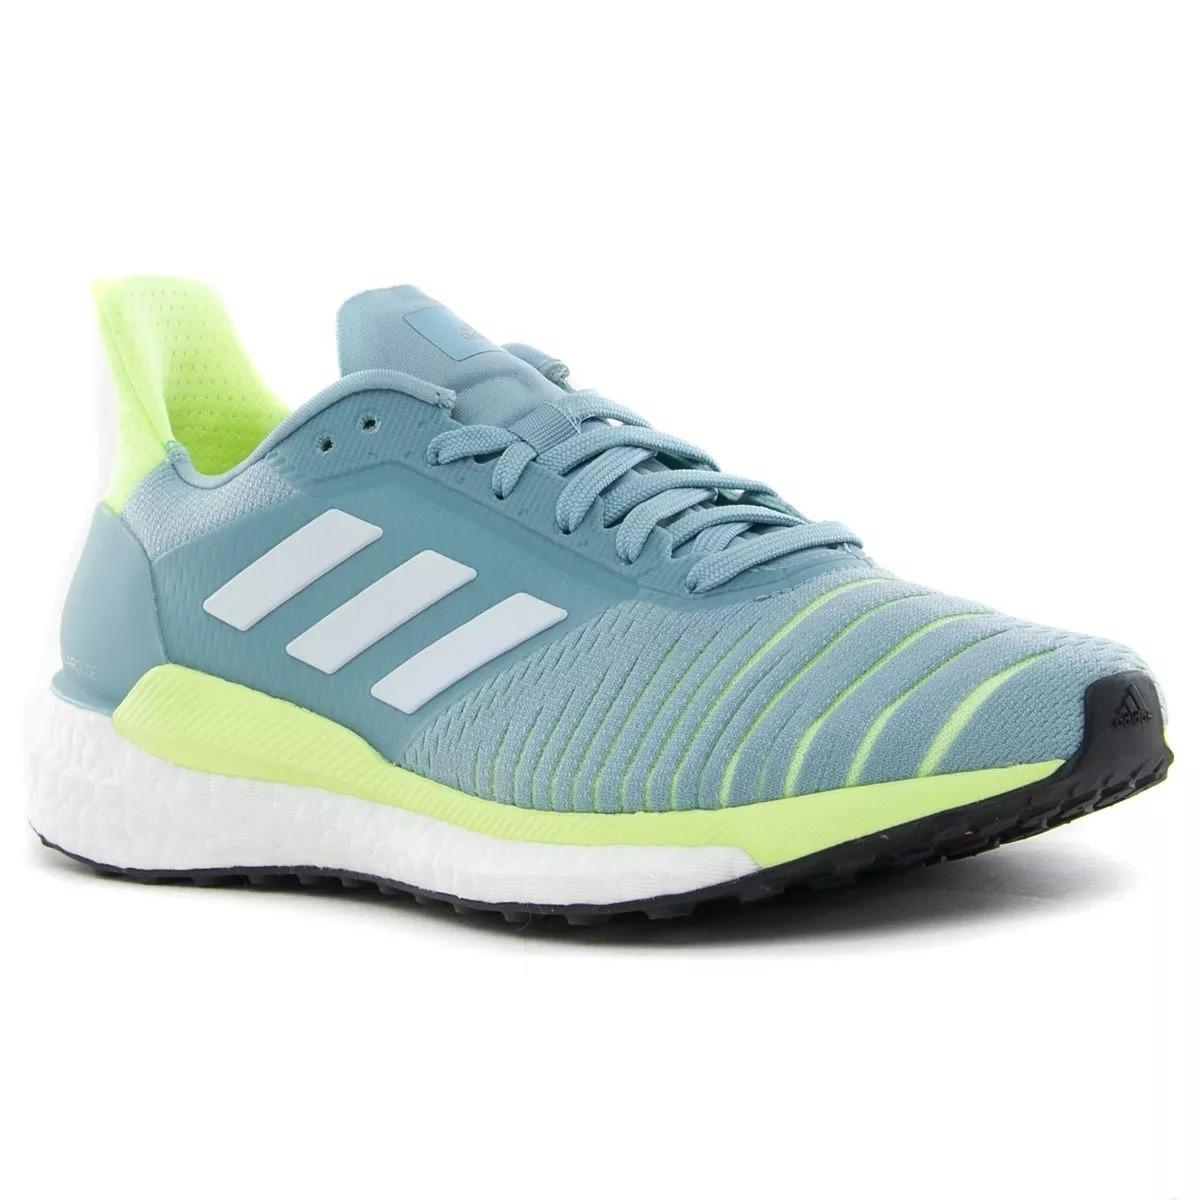 2adidas zapatillas running mujer